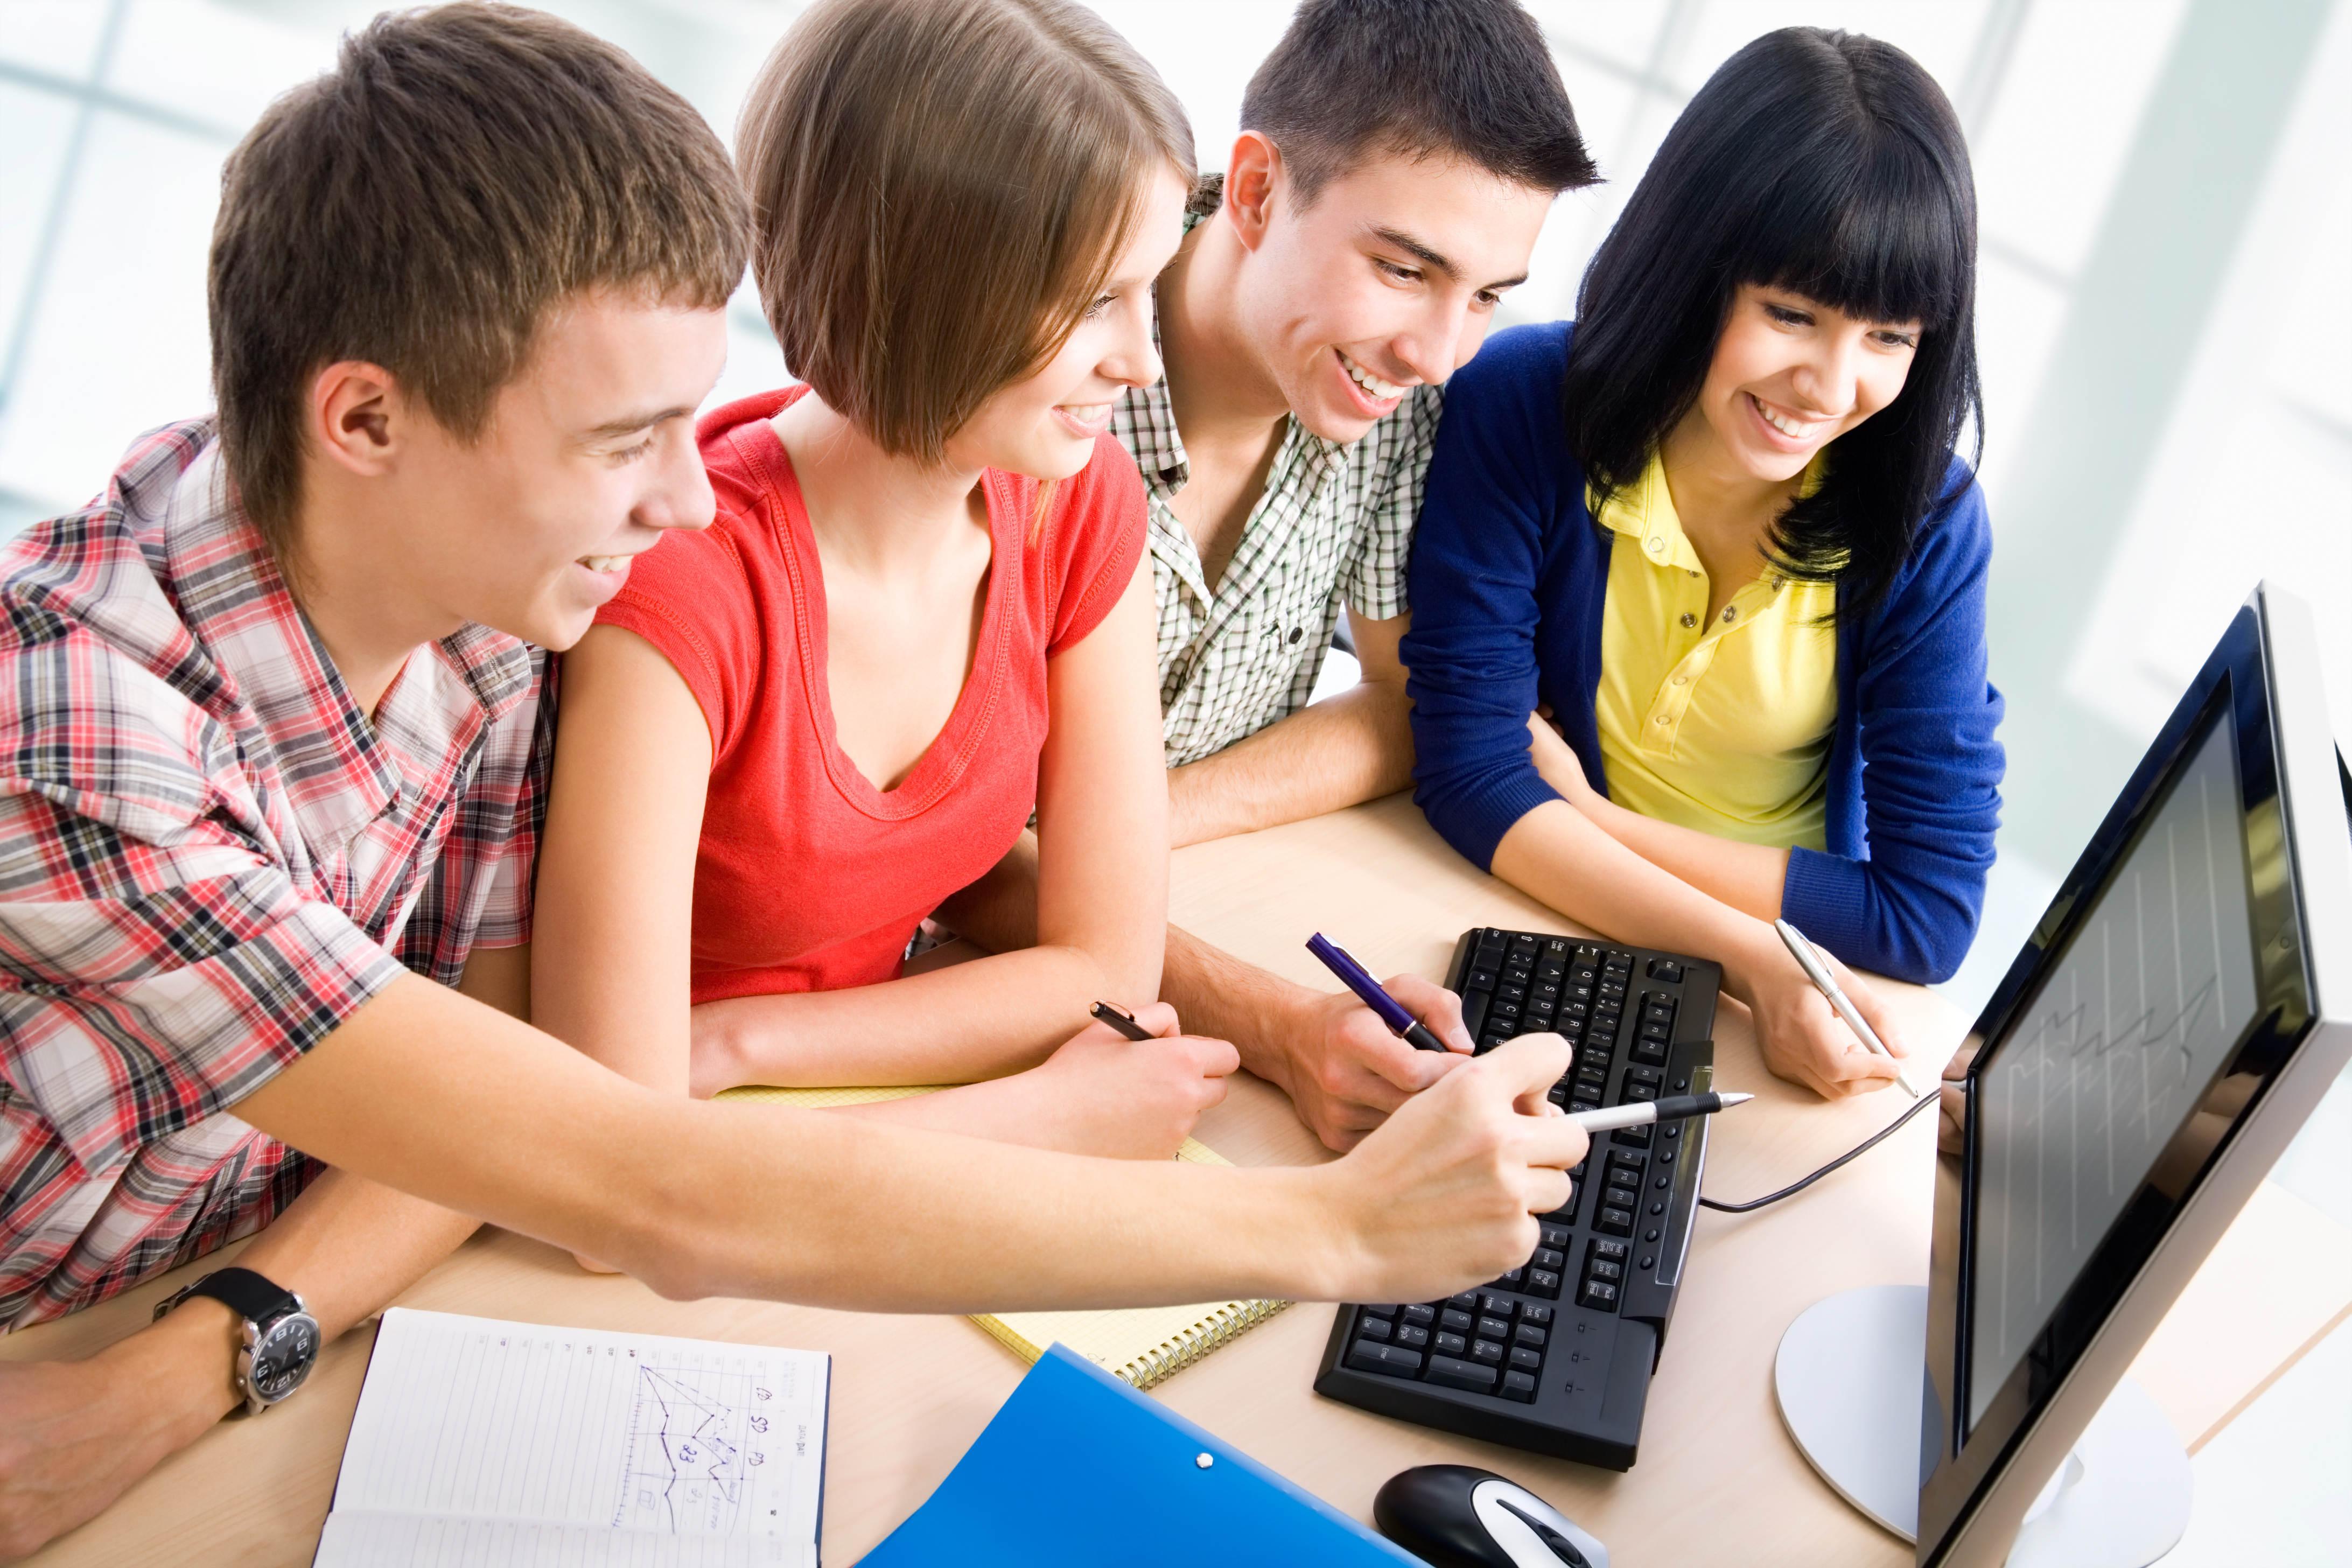 Vier Jugendliche sitzen vor einem Computer.